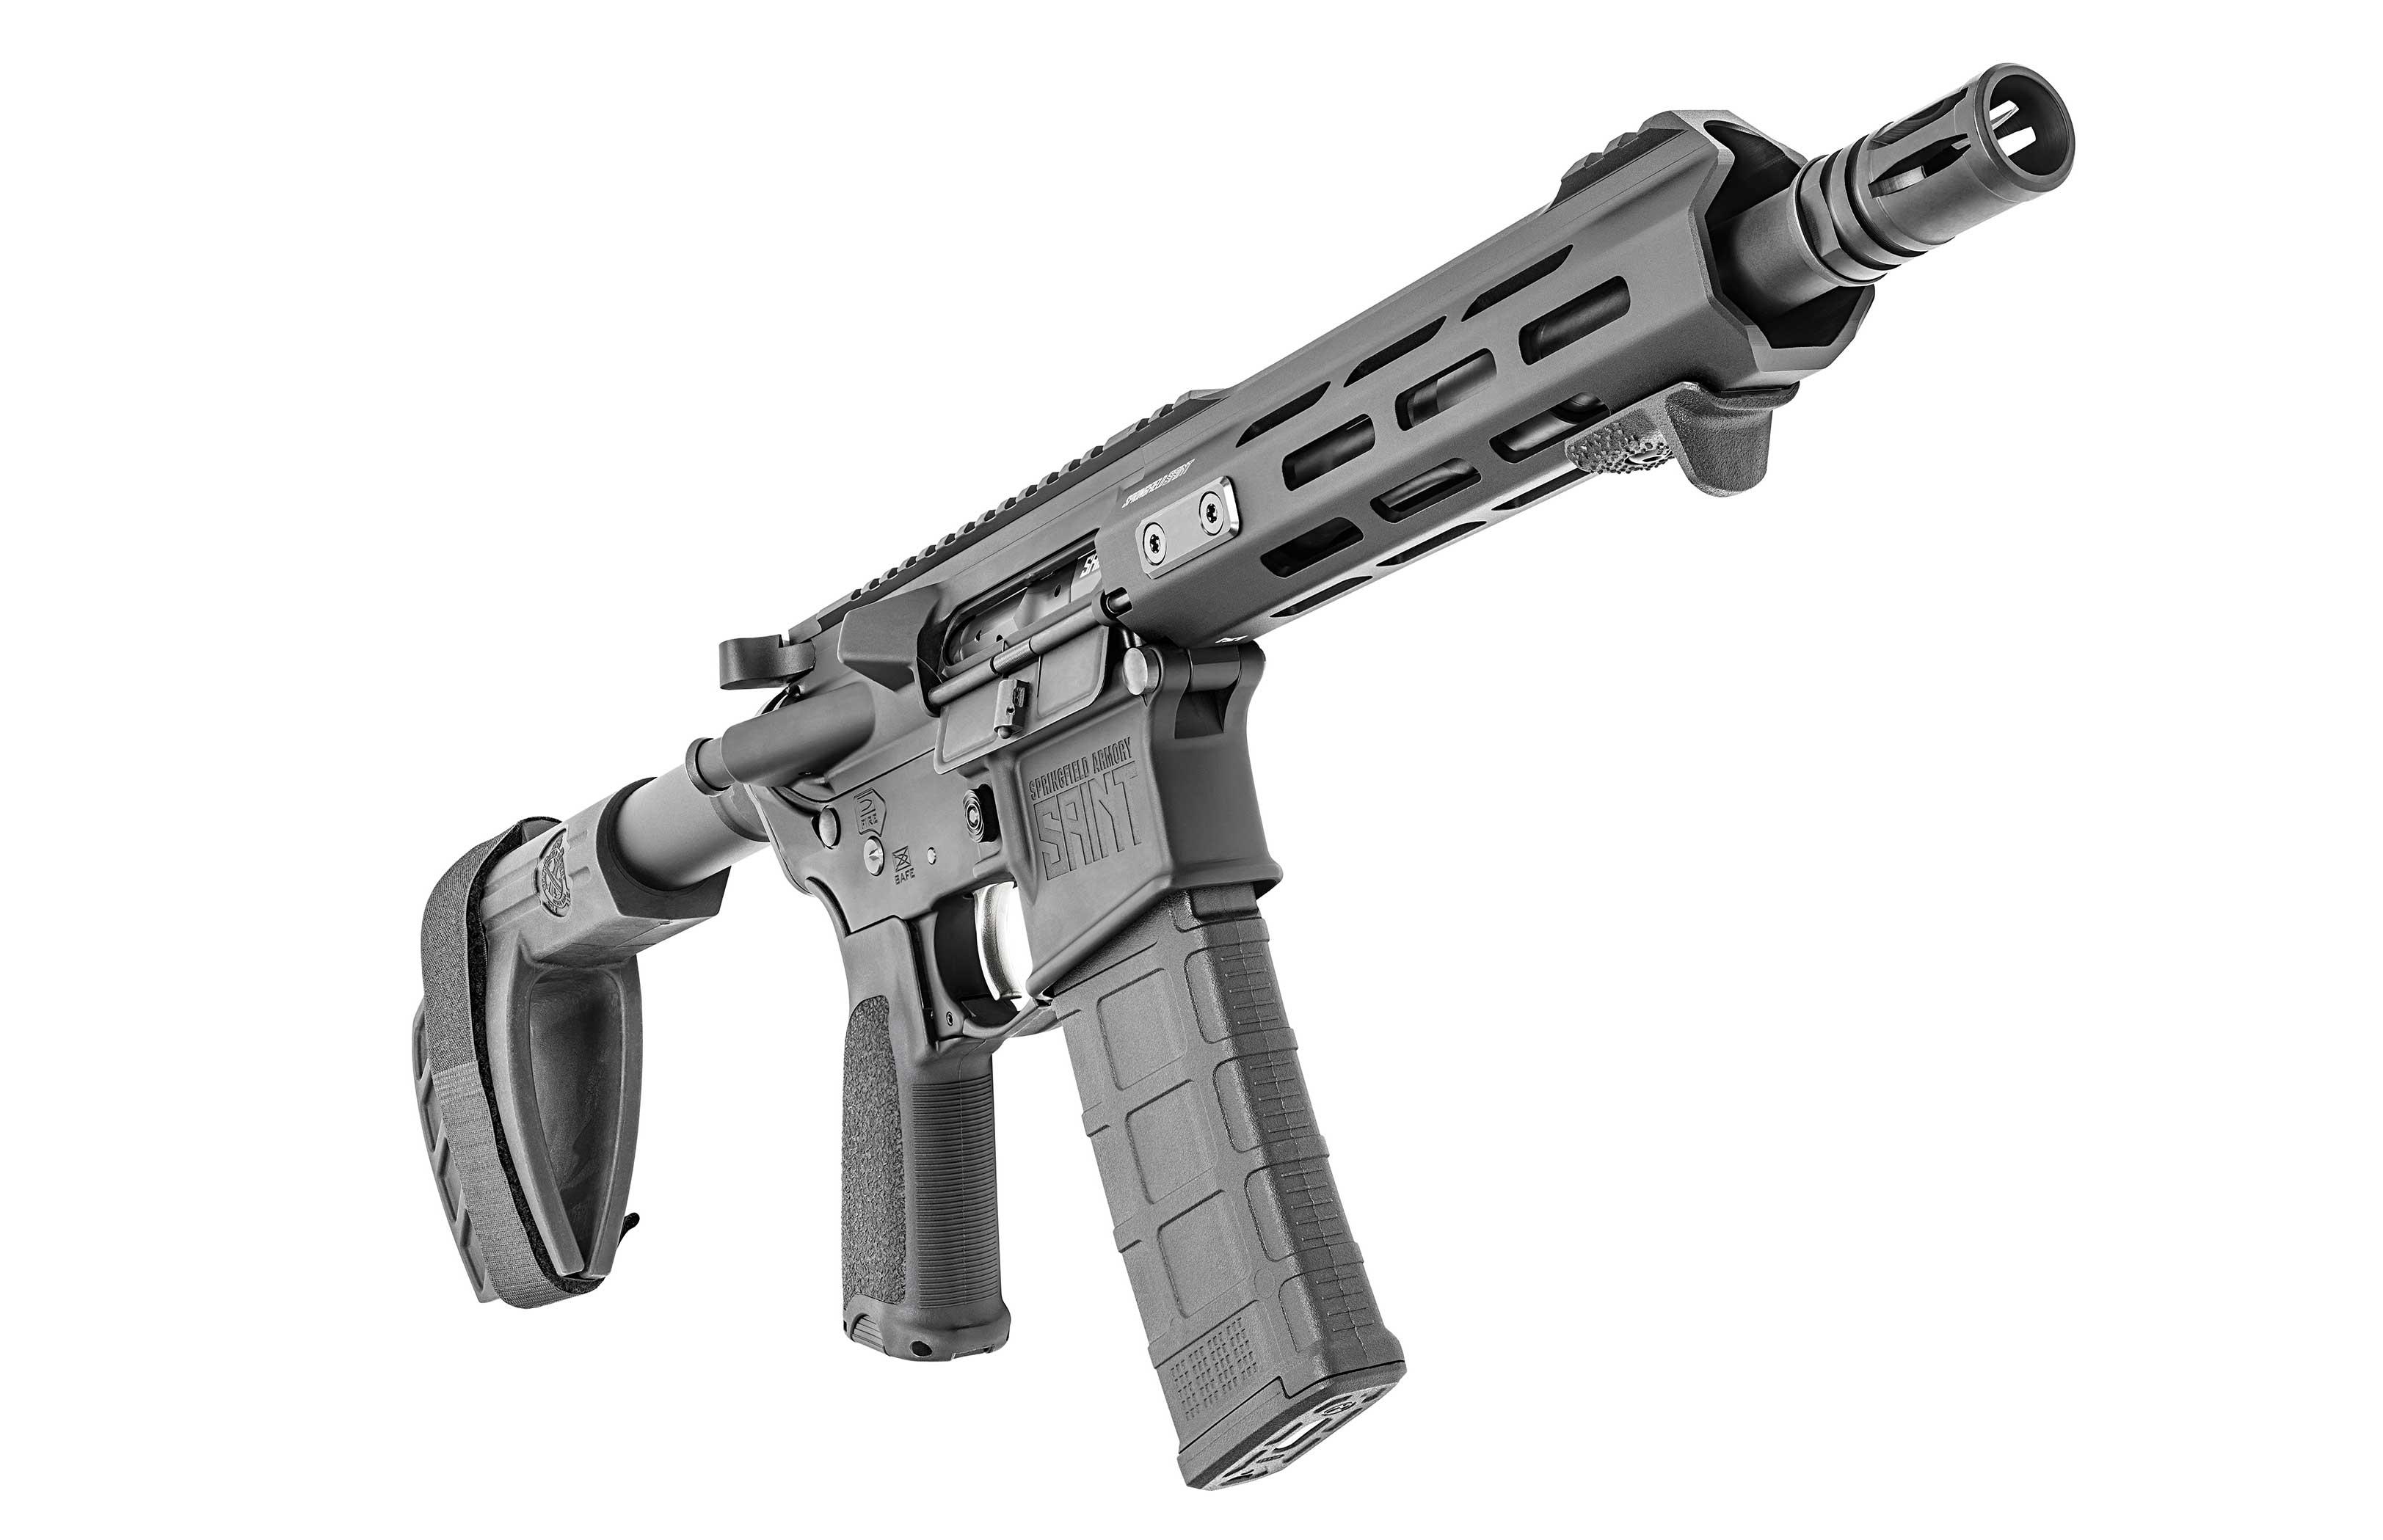 Saint-pistol-first